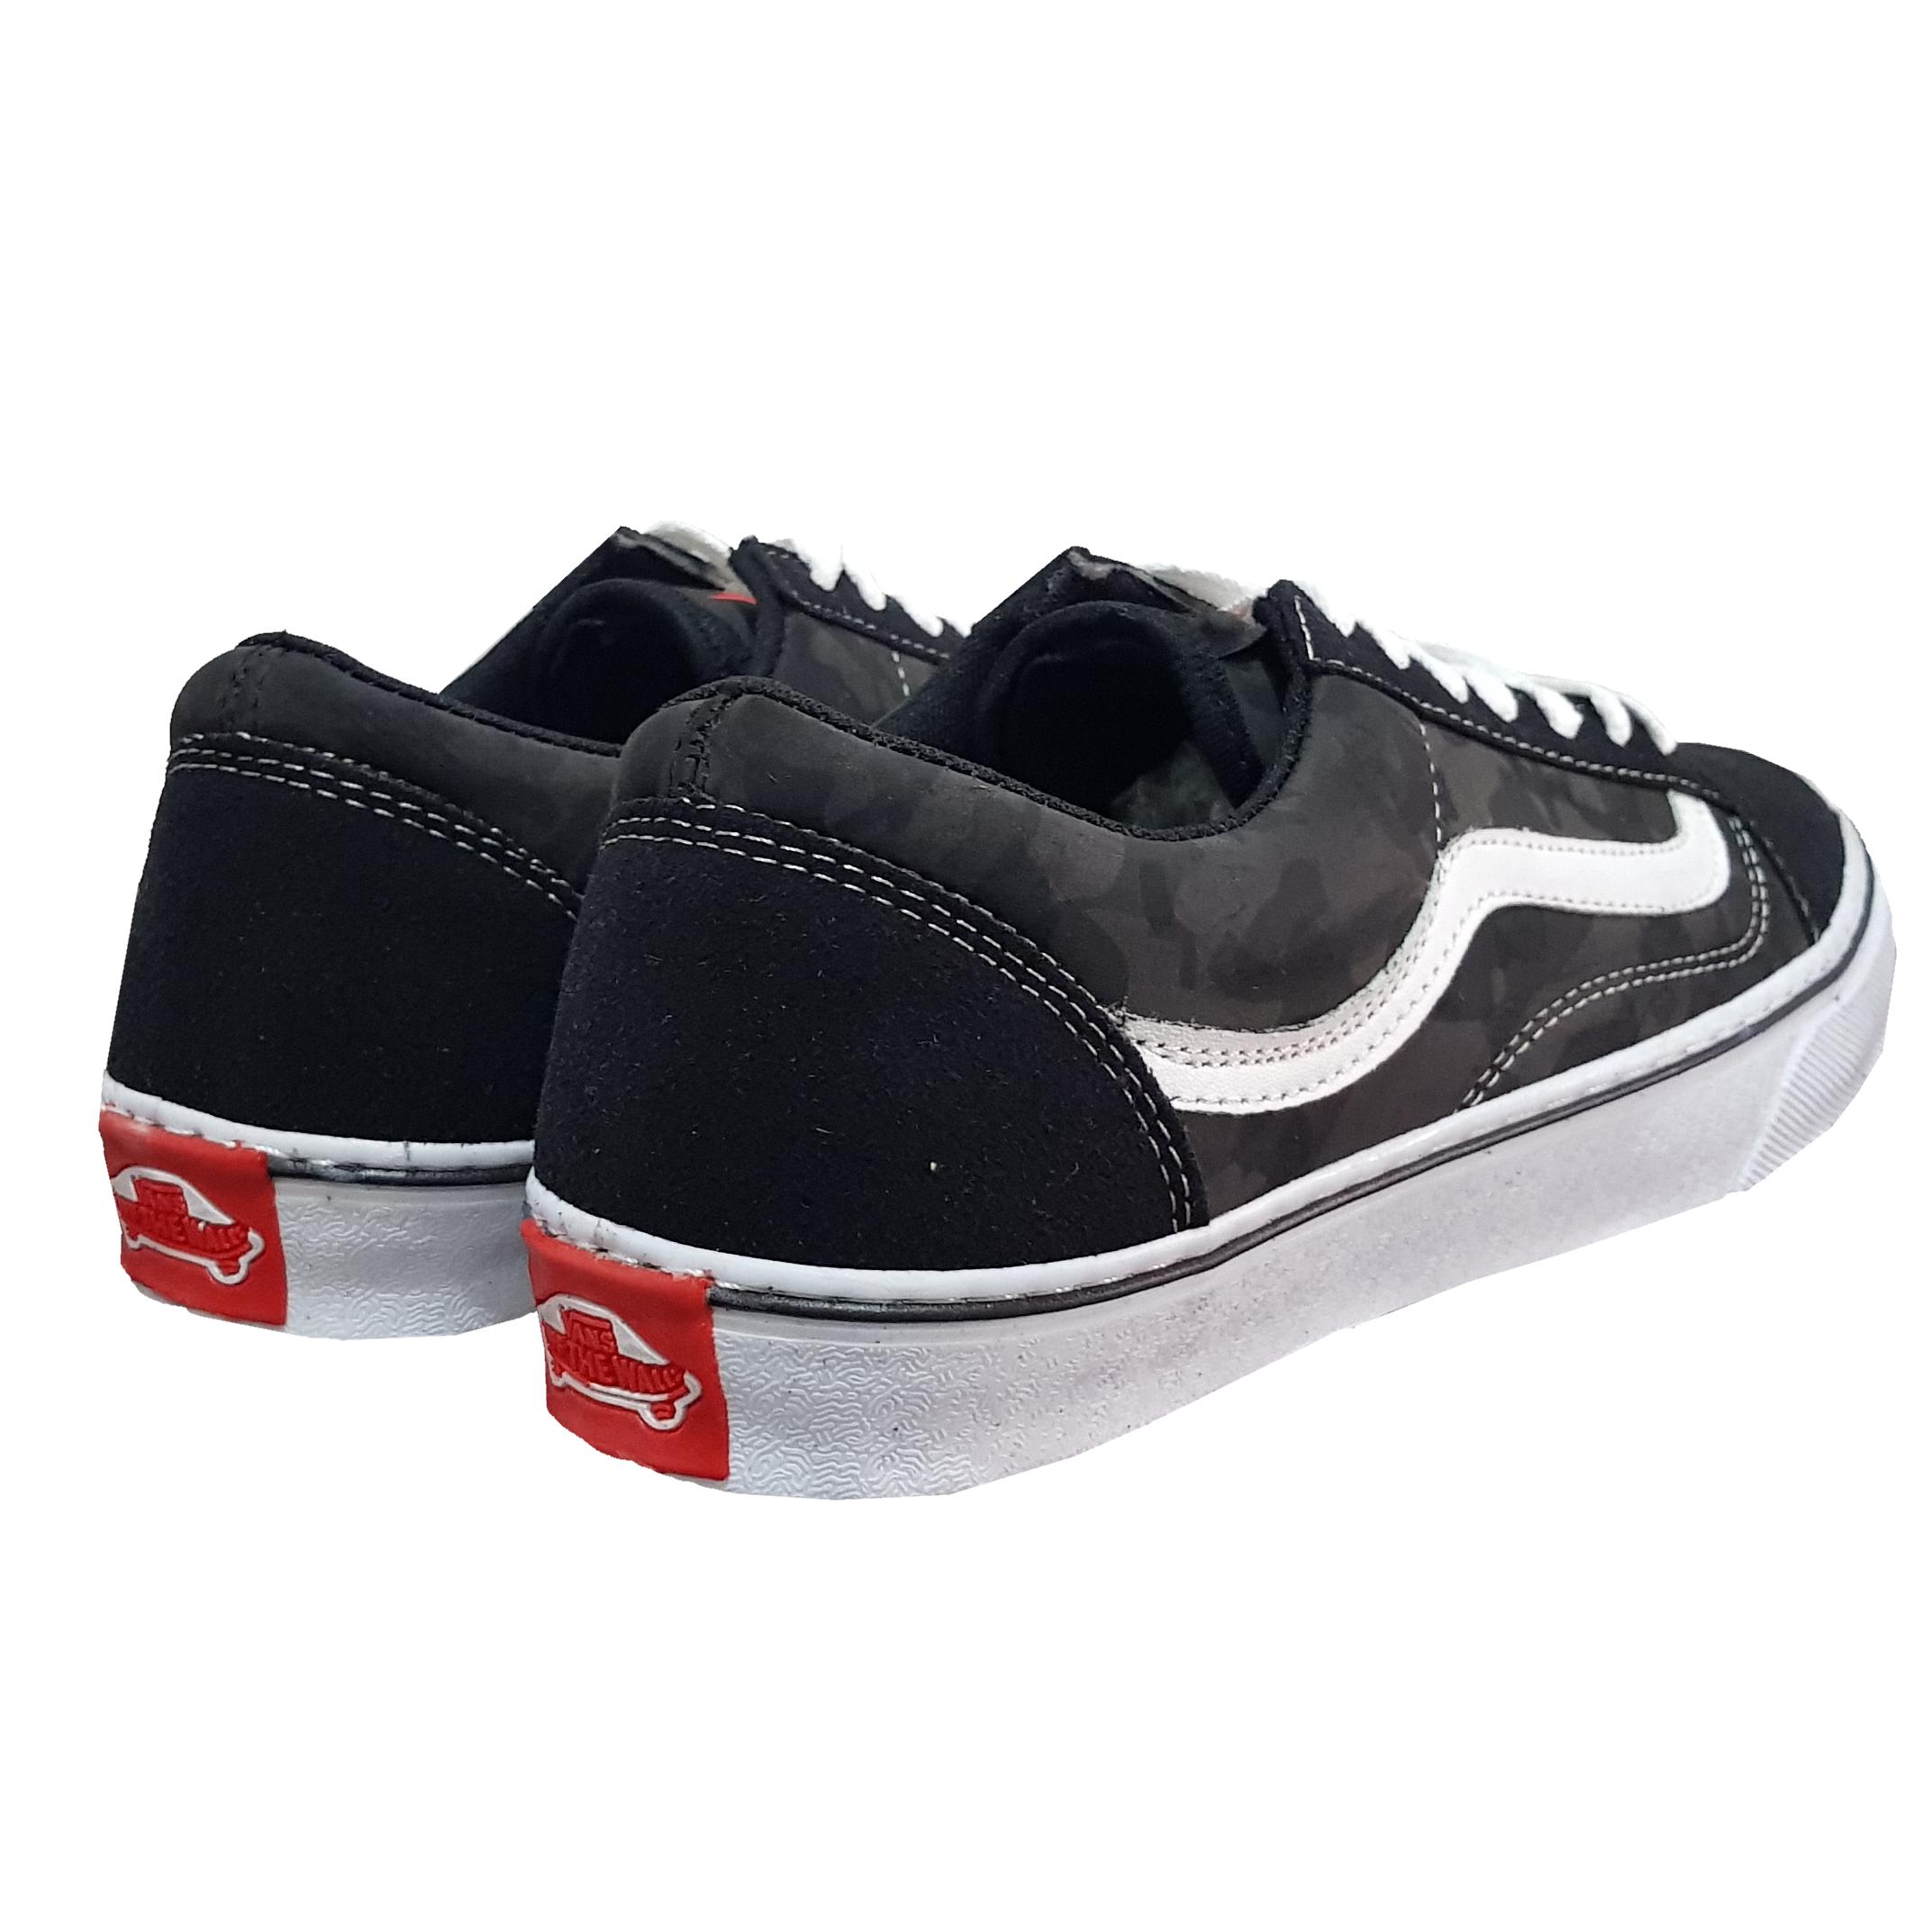 قیمت خرید کفش روزمره مردانه مدل زاموراا کد 6423 اورجینال